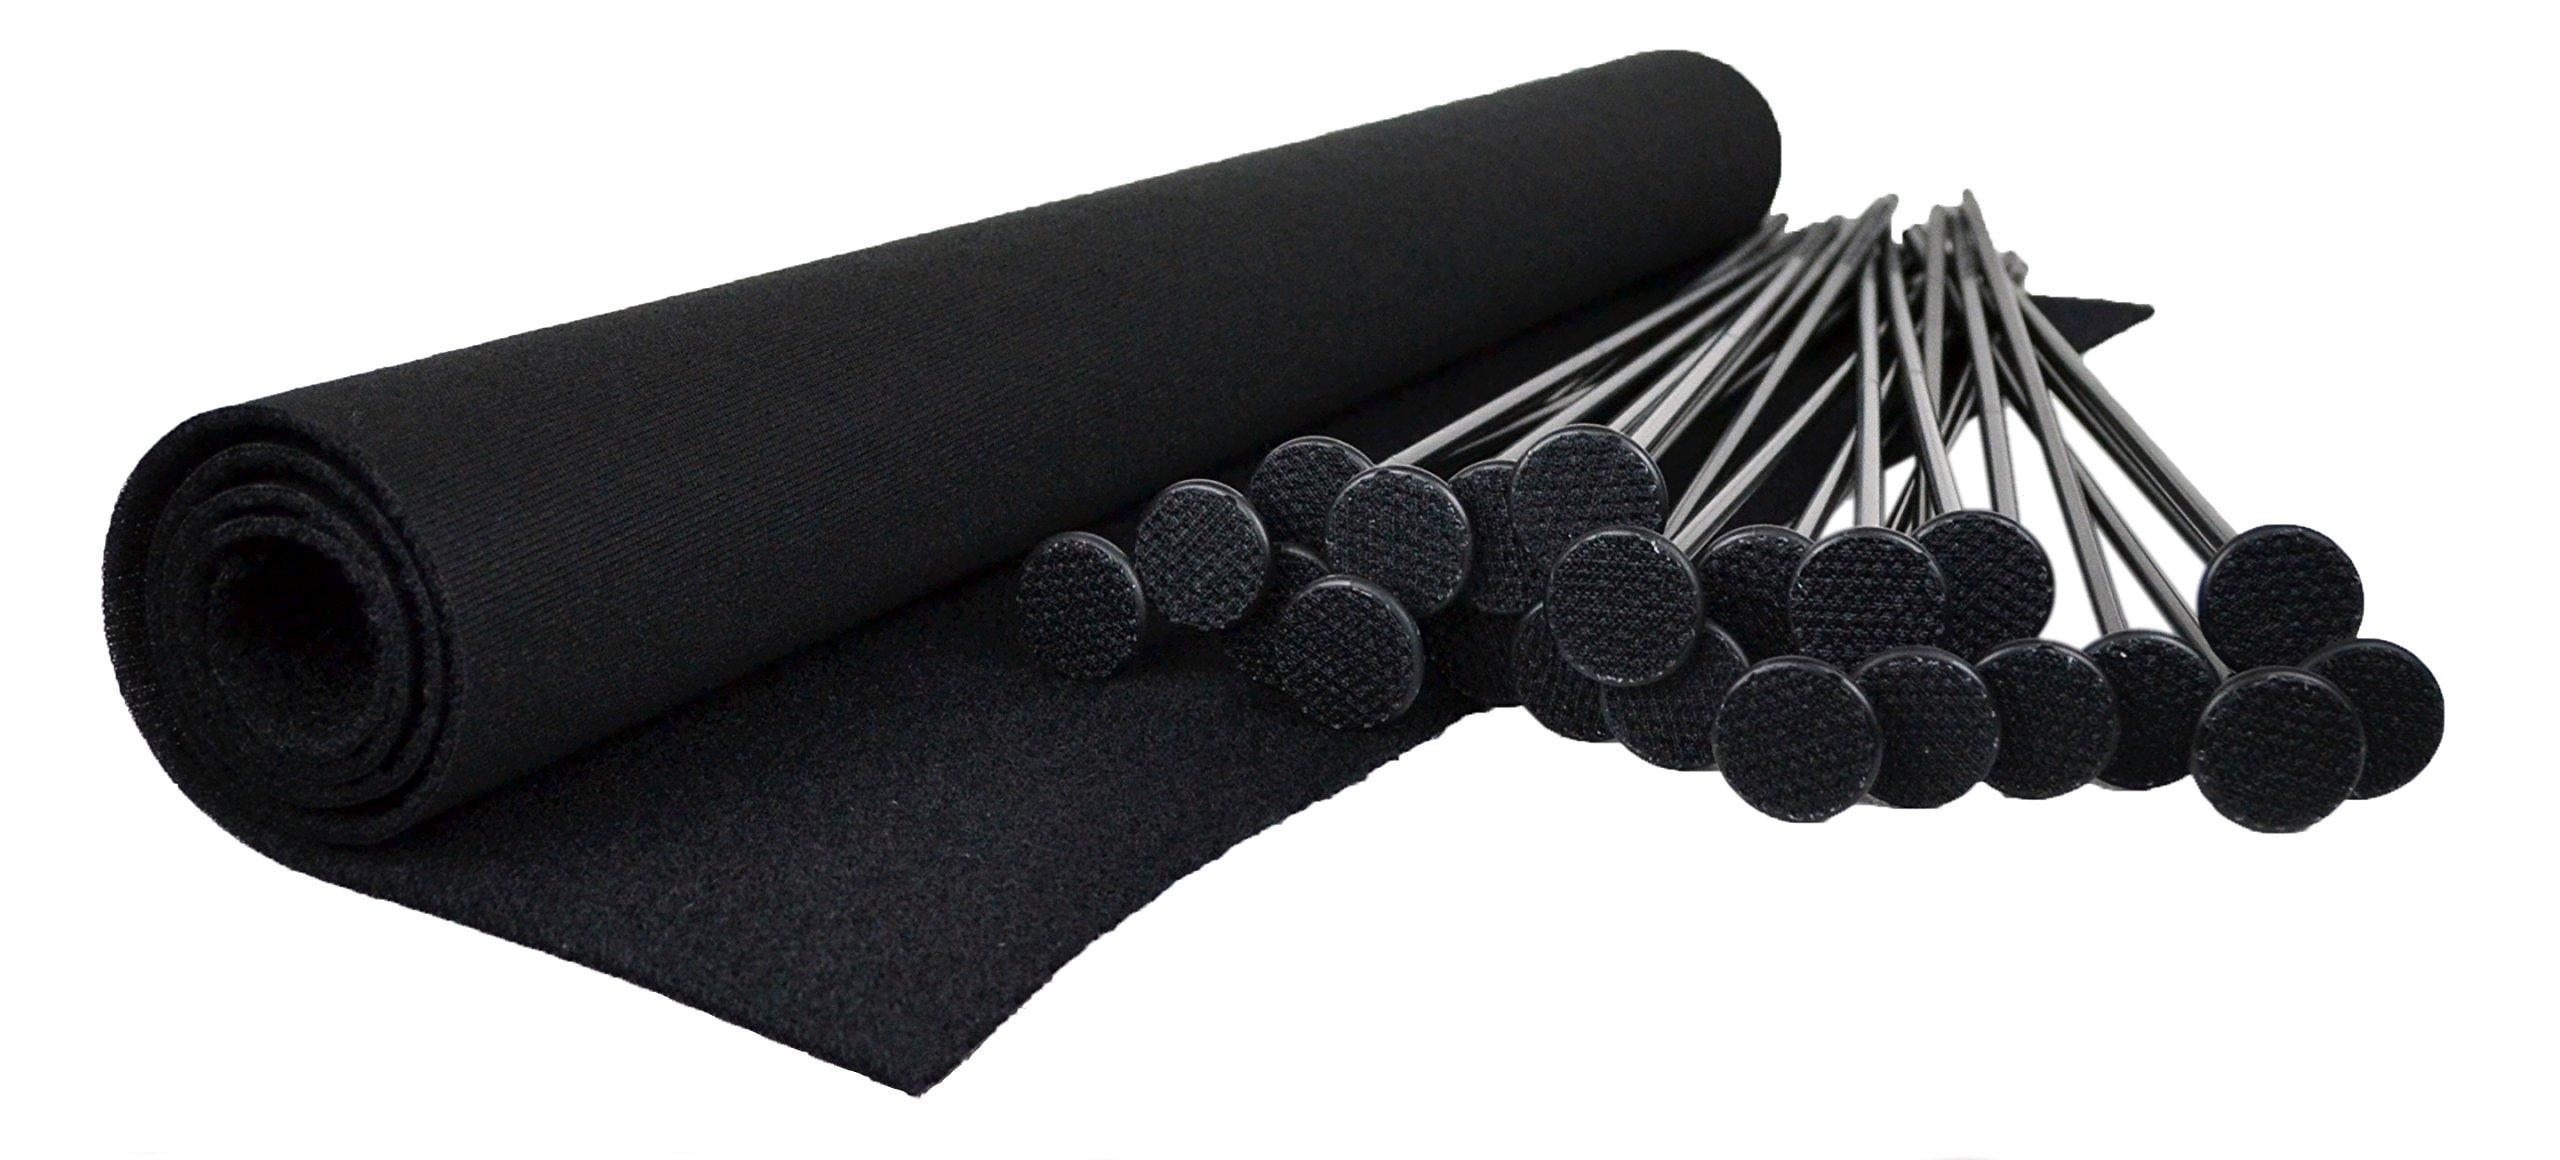 Gun Storage Solutions Rifle Shotgun Safe Rod Organizer Plastic Hook & loop Black Orange by Gun Storage Solutions